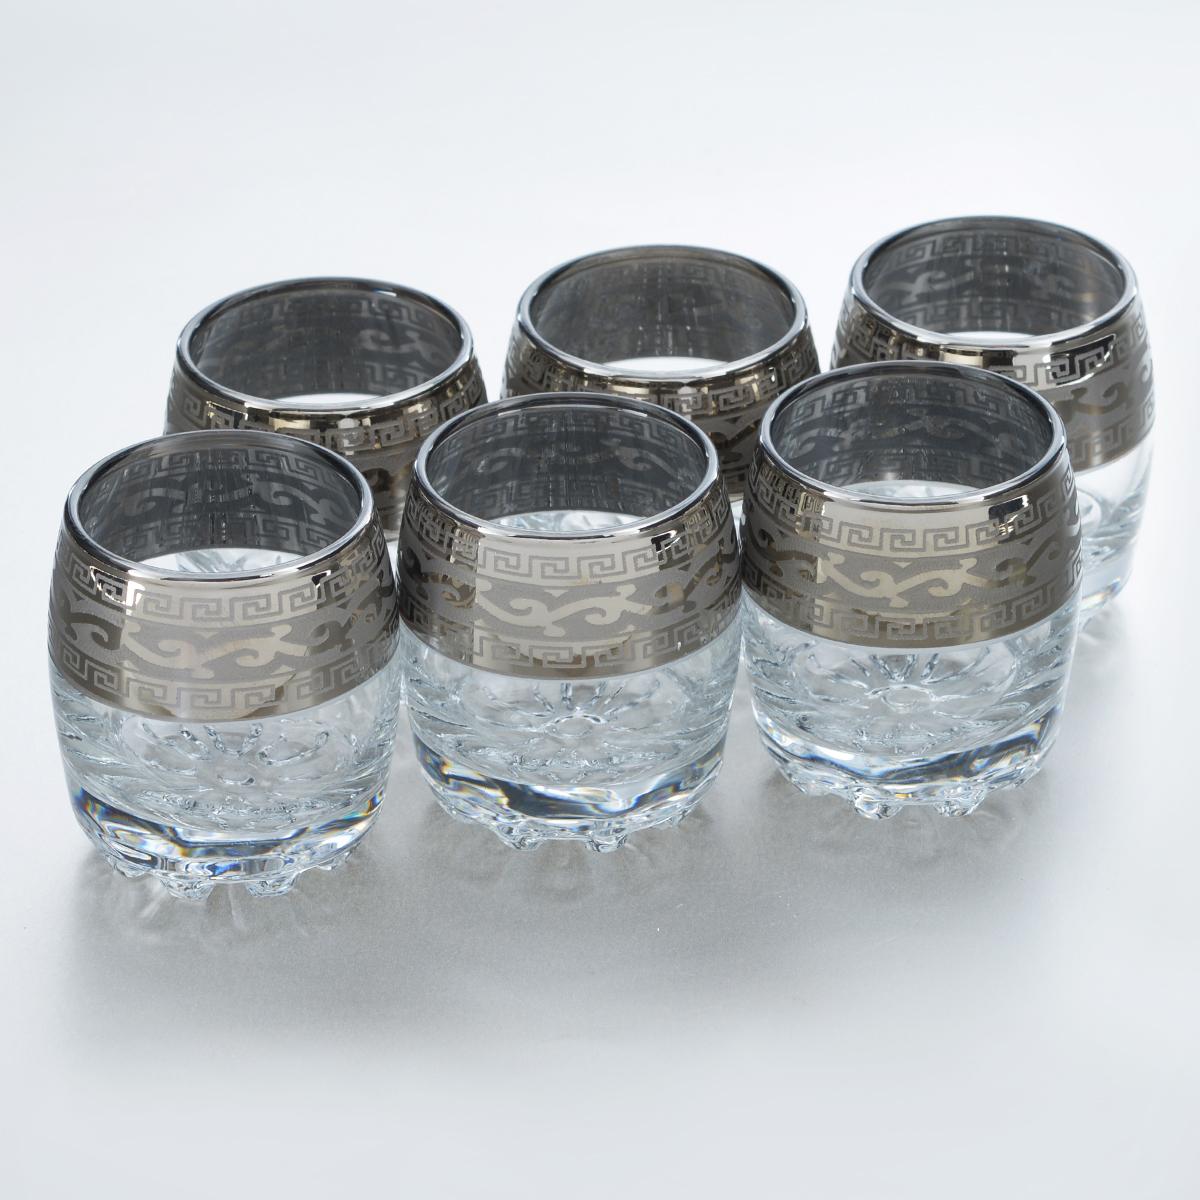 """Набор Гусь-Хрустальный """"Версаче"""" состоит из 6 стопок, изготовленных из высококачественного натрий-кальций-силикатного стекла. Изделия оформлены красивым зеркальным покрытием и оригинальным узором. Такой набор прекрасно дополнит праздничный стол и станет желанным подарком в любом доме. Можно мыть в посудомоечной машине. Диаметр стопки (по верхнему краю): 4,5 см. Высота стопки: 6 см."""